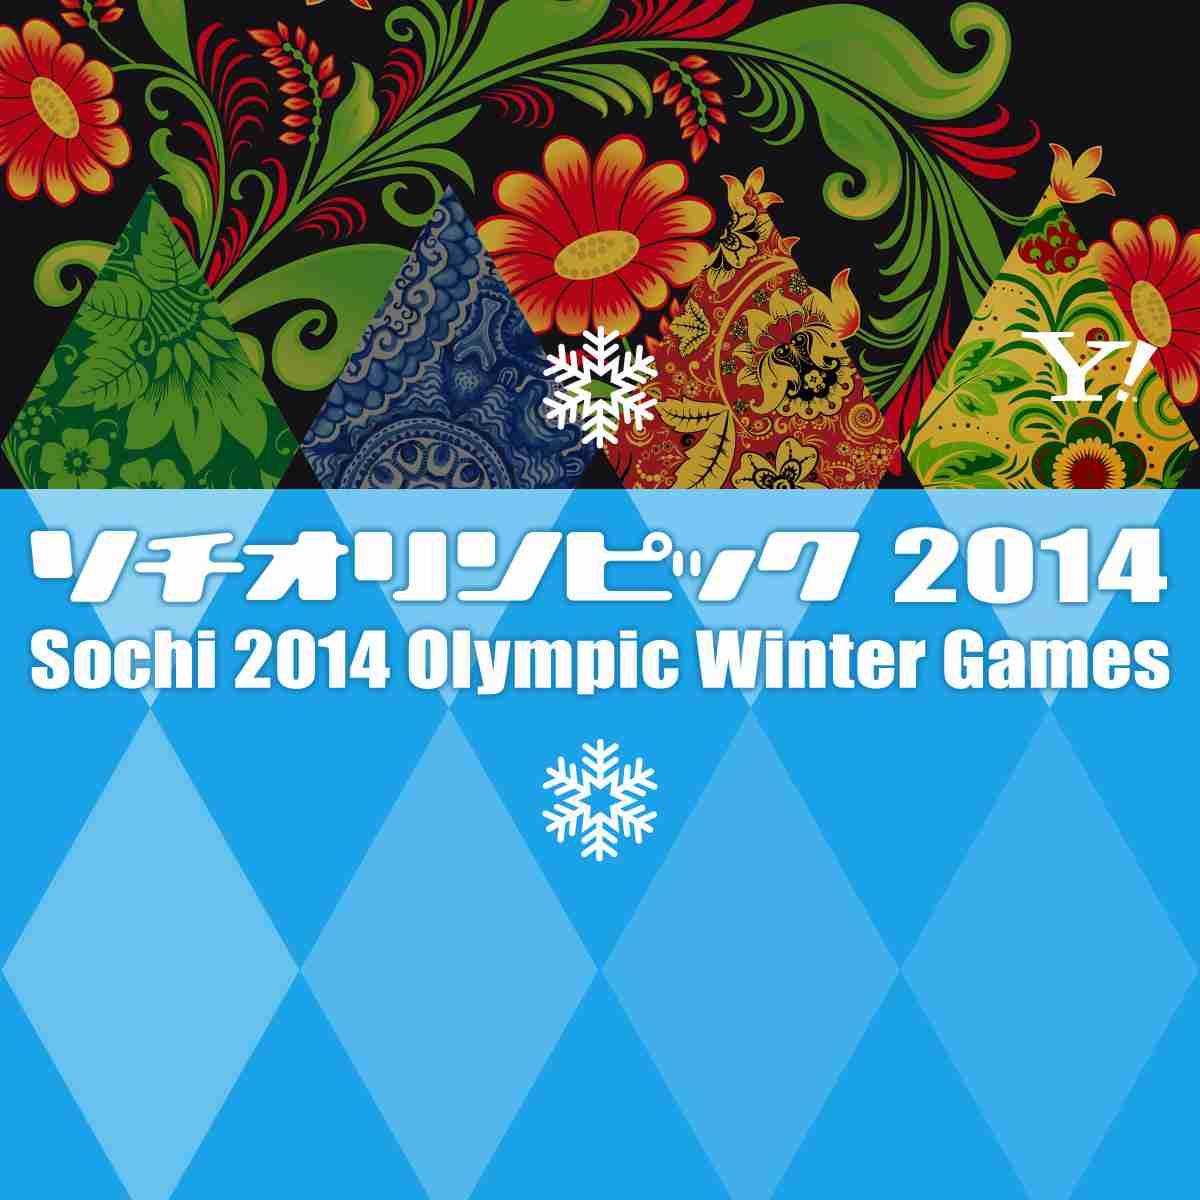 ソチオリンピック Yahoo! JAPAN - 羽生 世界一!日本勢の金メダル第1号に 町田5位、高橋は6位(スポニチアネックス)